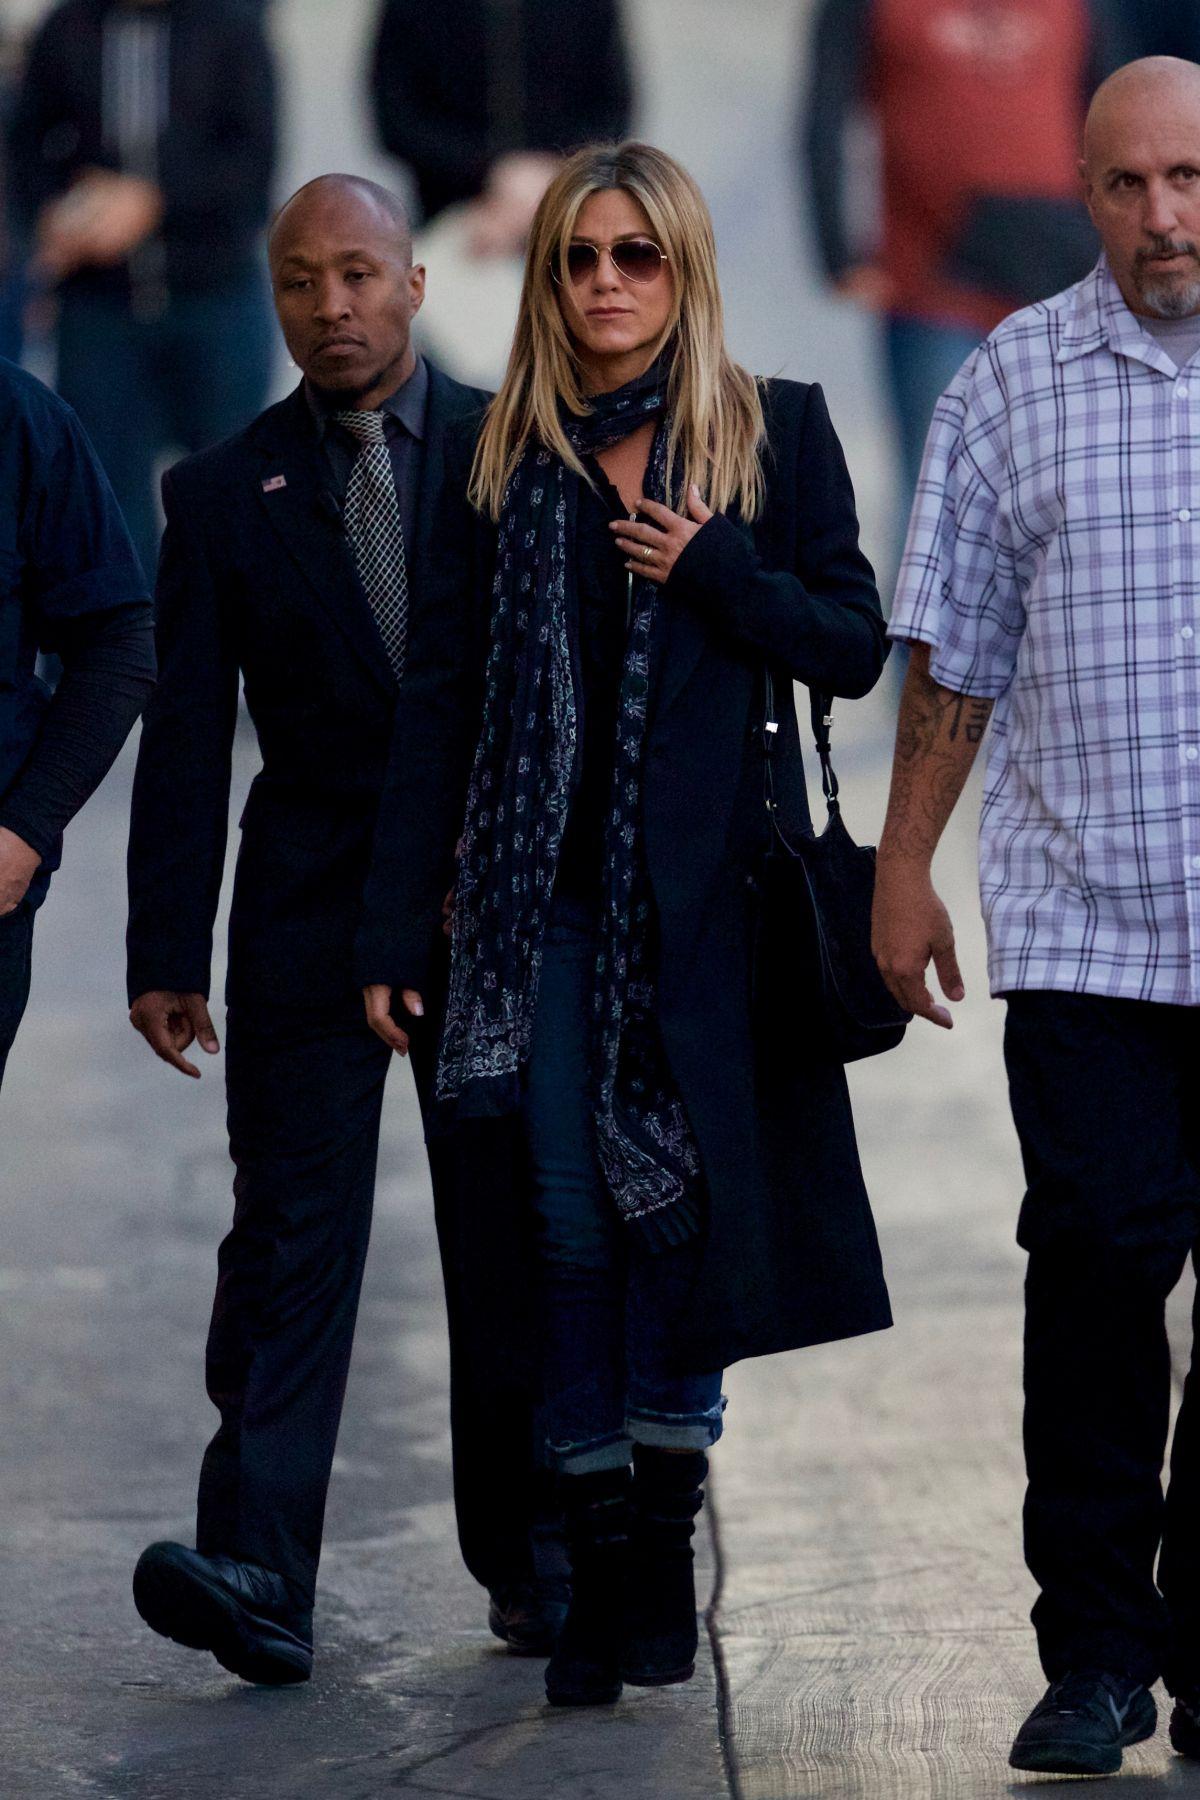 JENNIFER ANISTON Arrives at Jimmy Kimmel Live in Hollywood 12/08/2016   jennifer-aniston-arrives-at-jimmy-kimmel-live-in-hollywood-12-08-2016_5